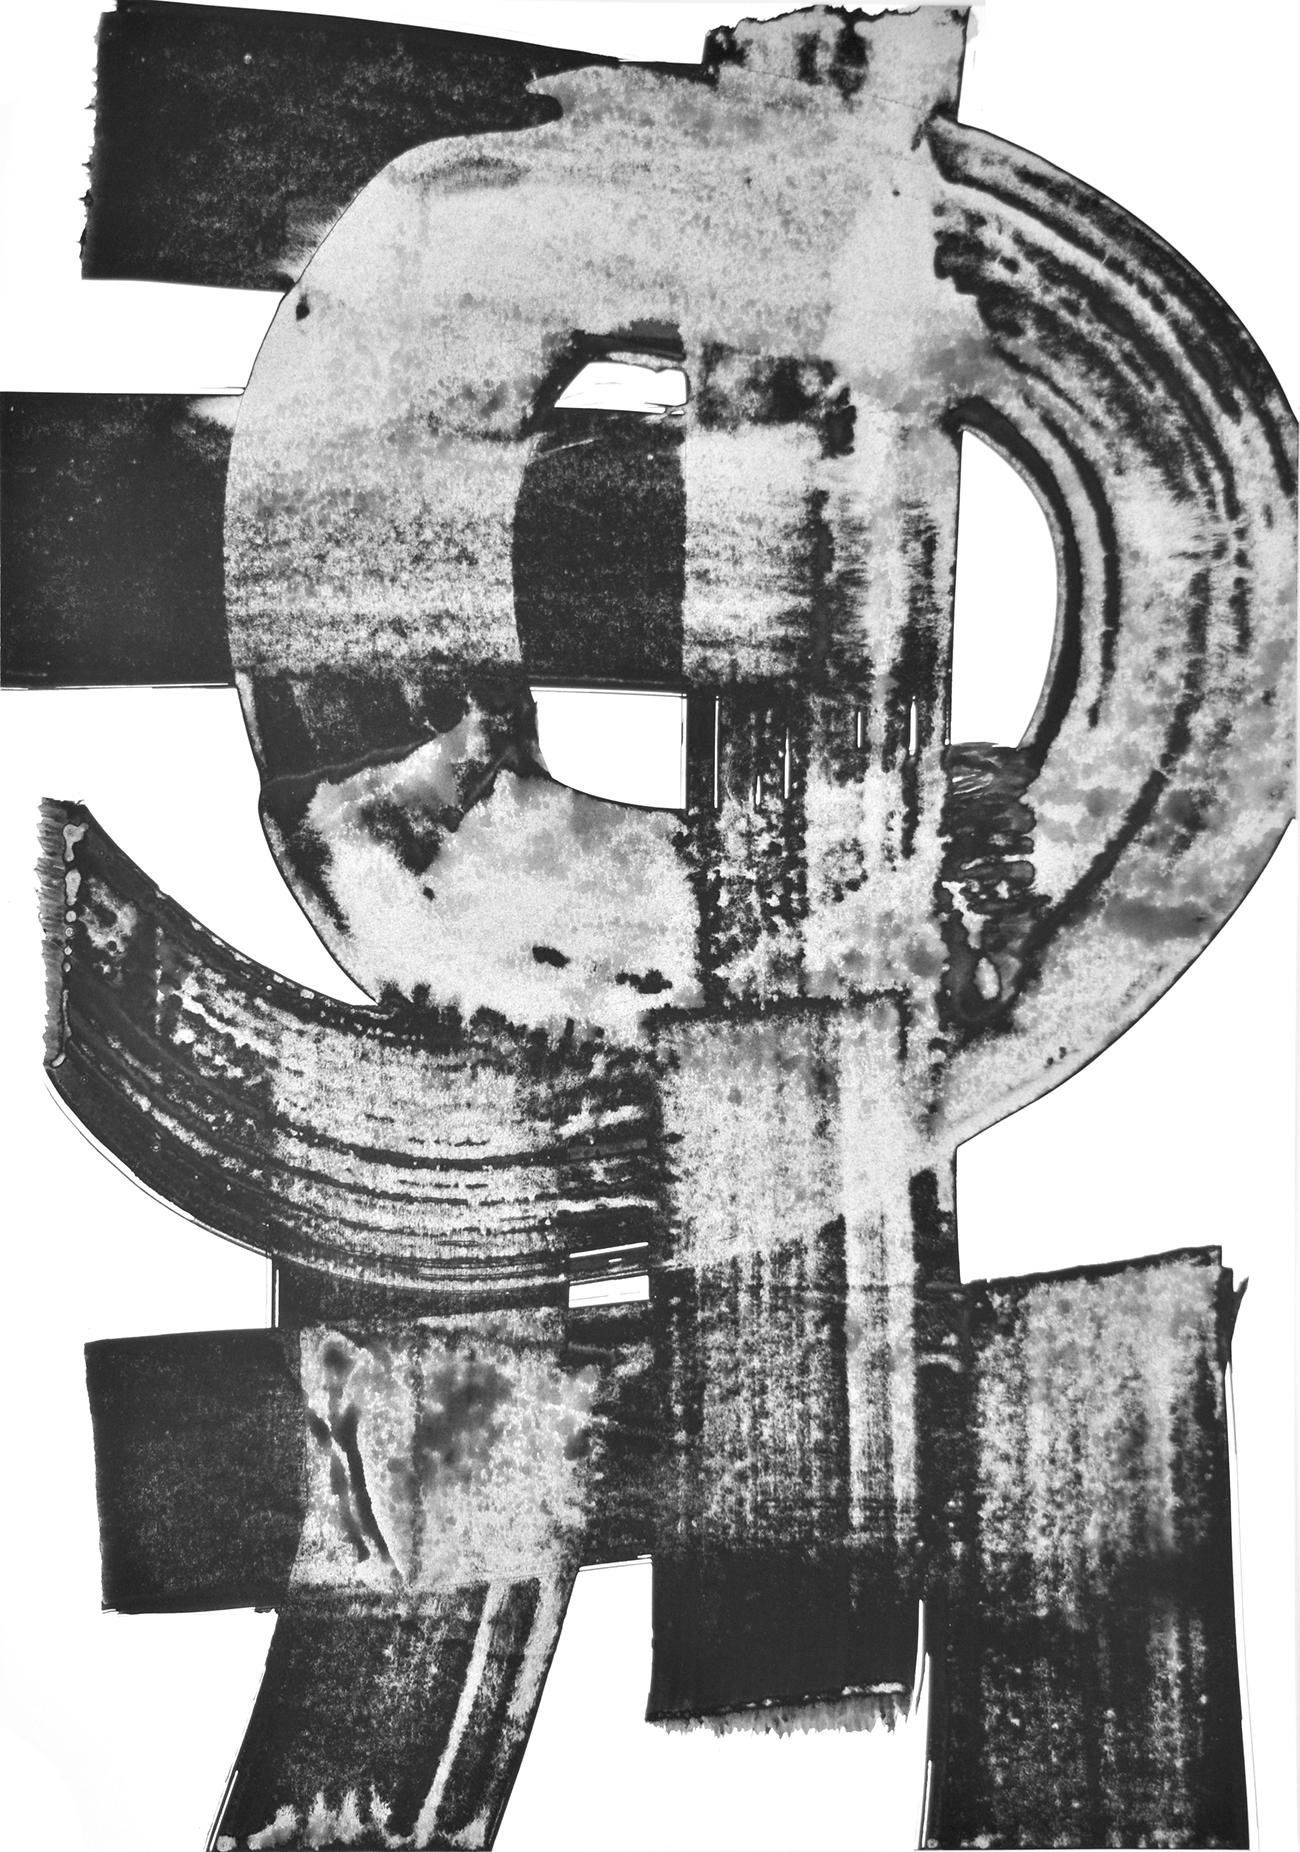 Luigi Pericle, Ohne Titel (Matri Dei d.d.d.), 1964, Museo d'arte della Svizzera italiana, Lugano